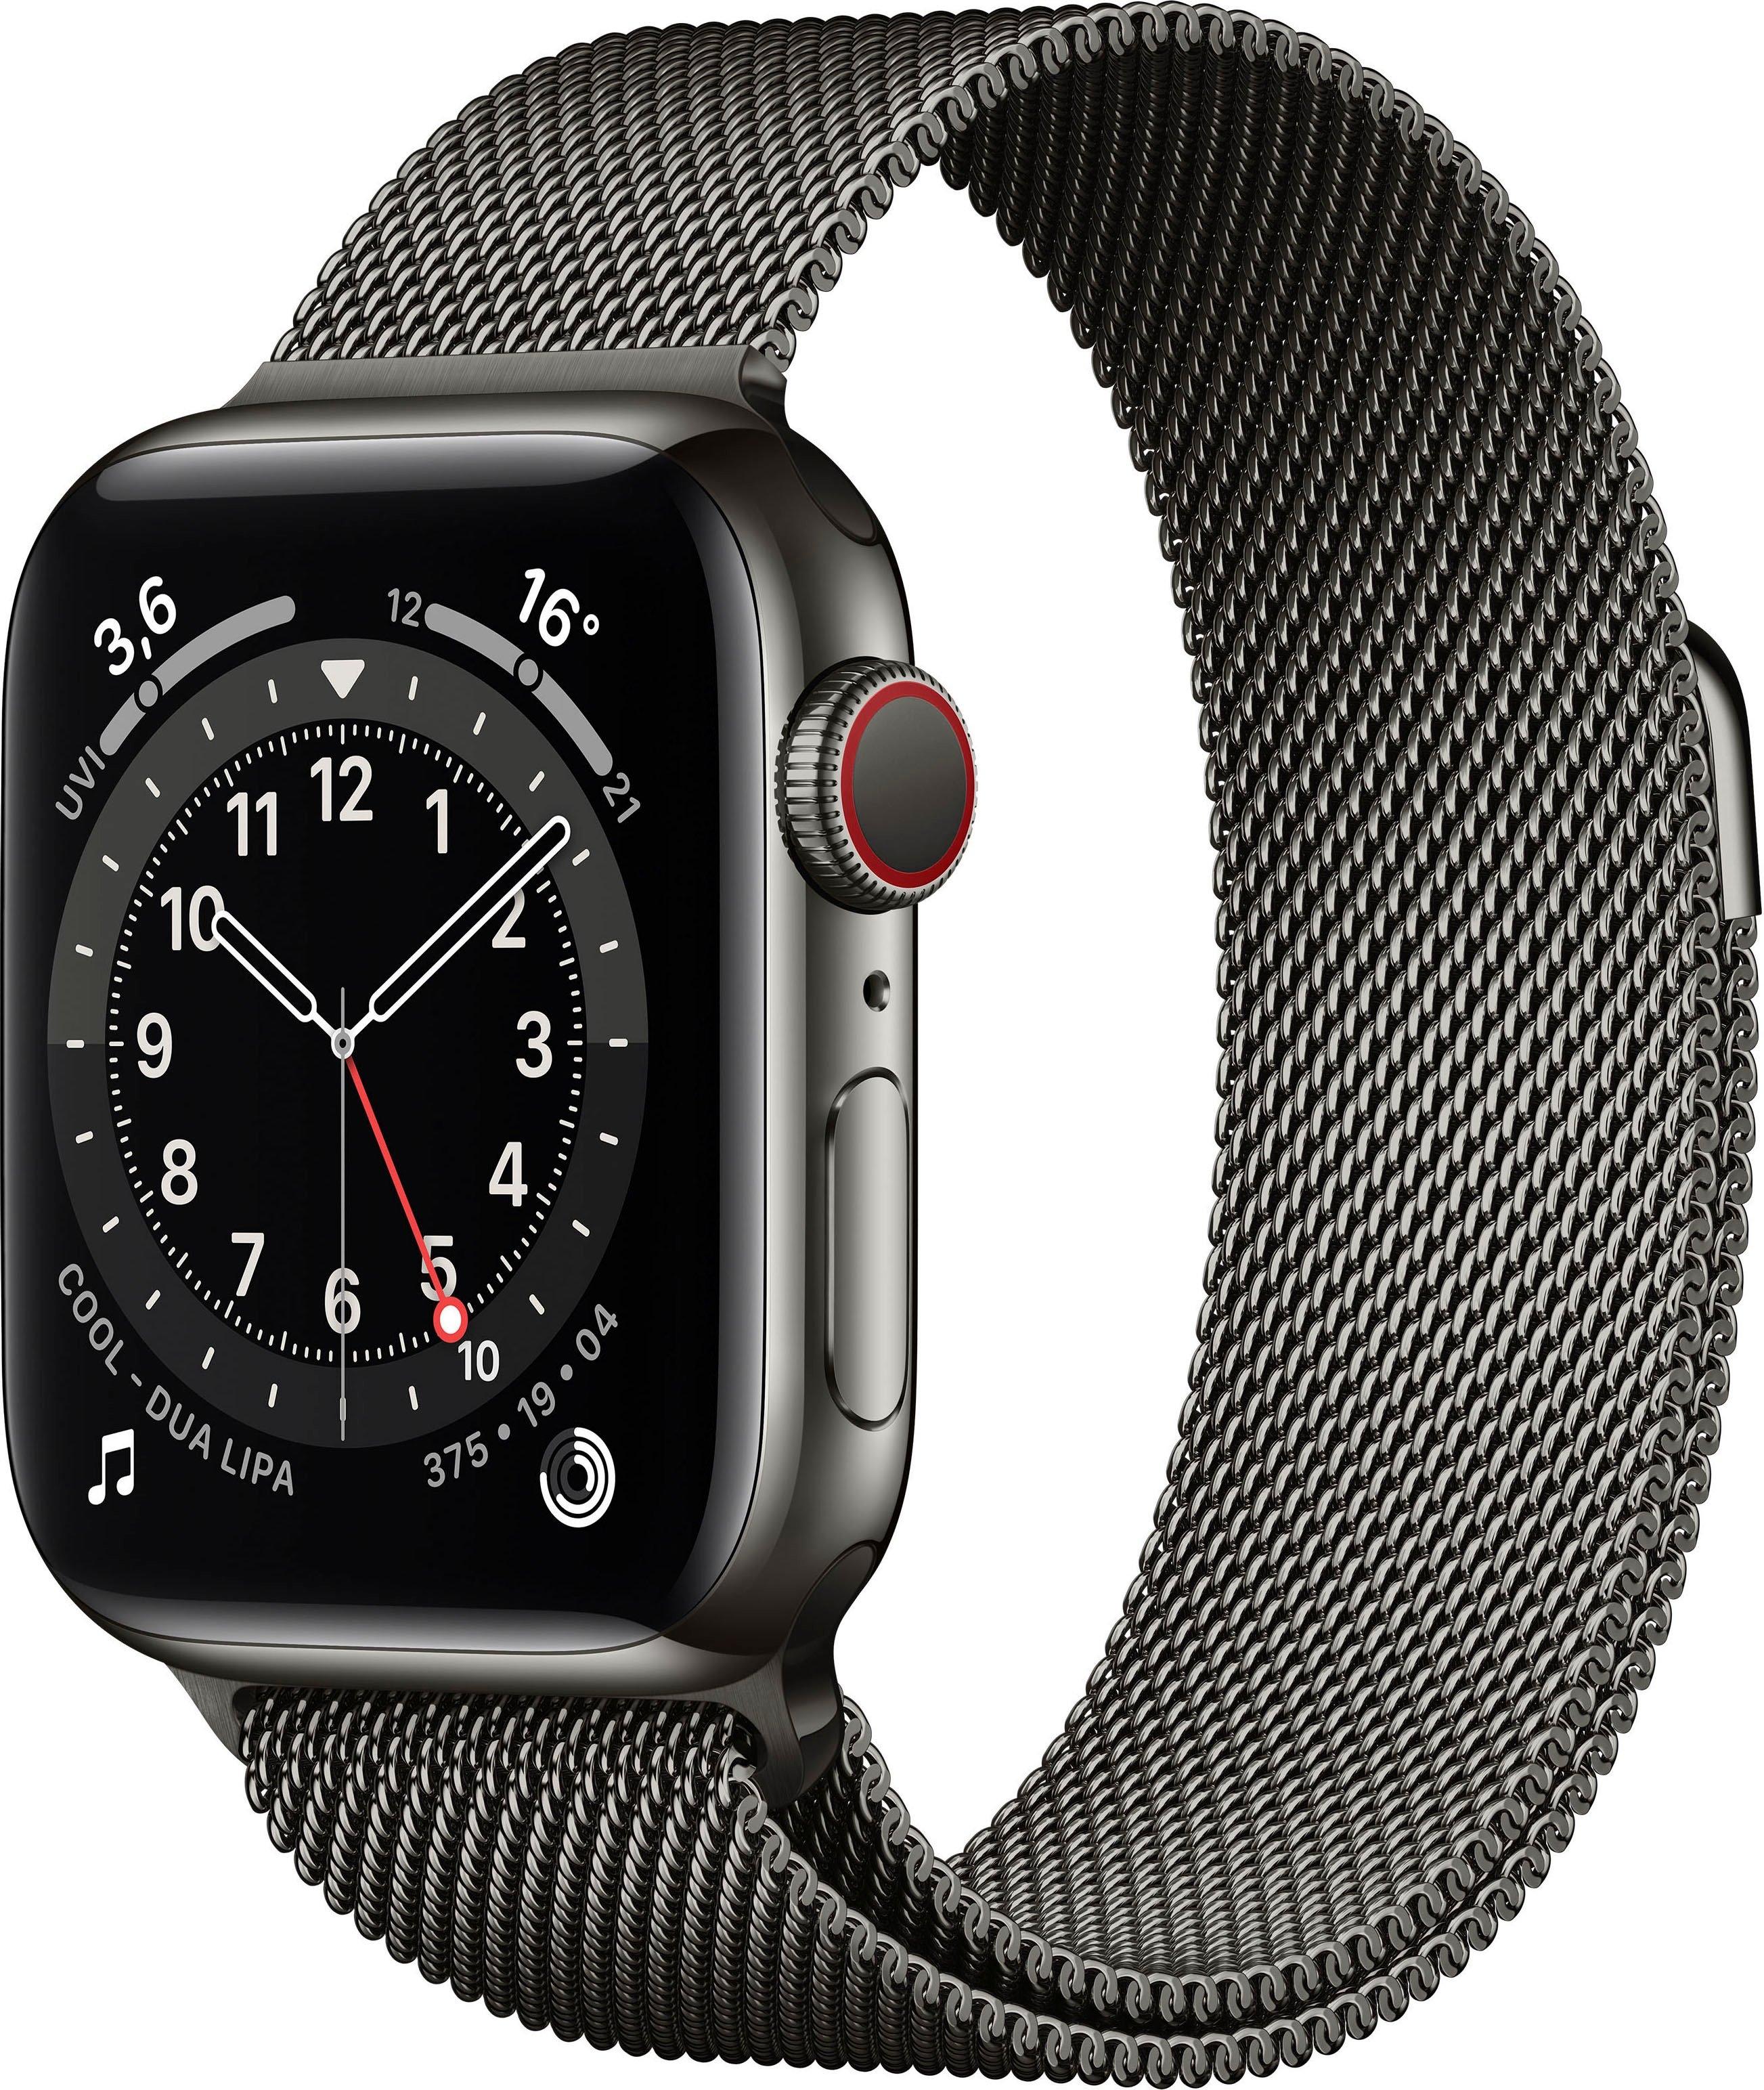 Apple watch Series 6 gps + Cellular, edelstalen kast met milanaisebandje 40 mm inclusief oplaadstation (magnetische oplaadkabel) bij OTTO online kopen